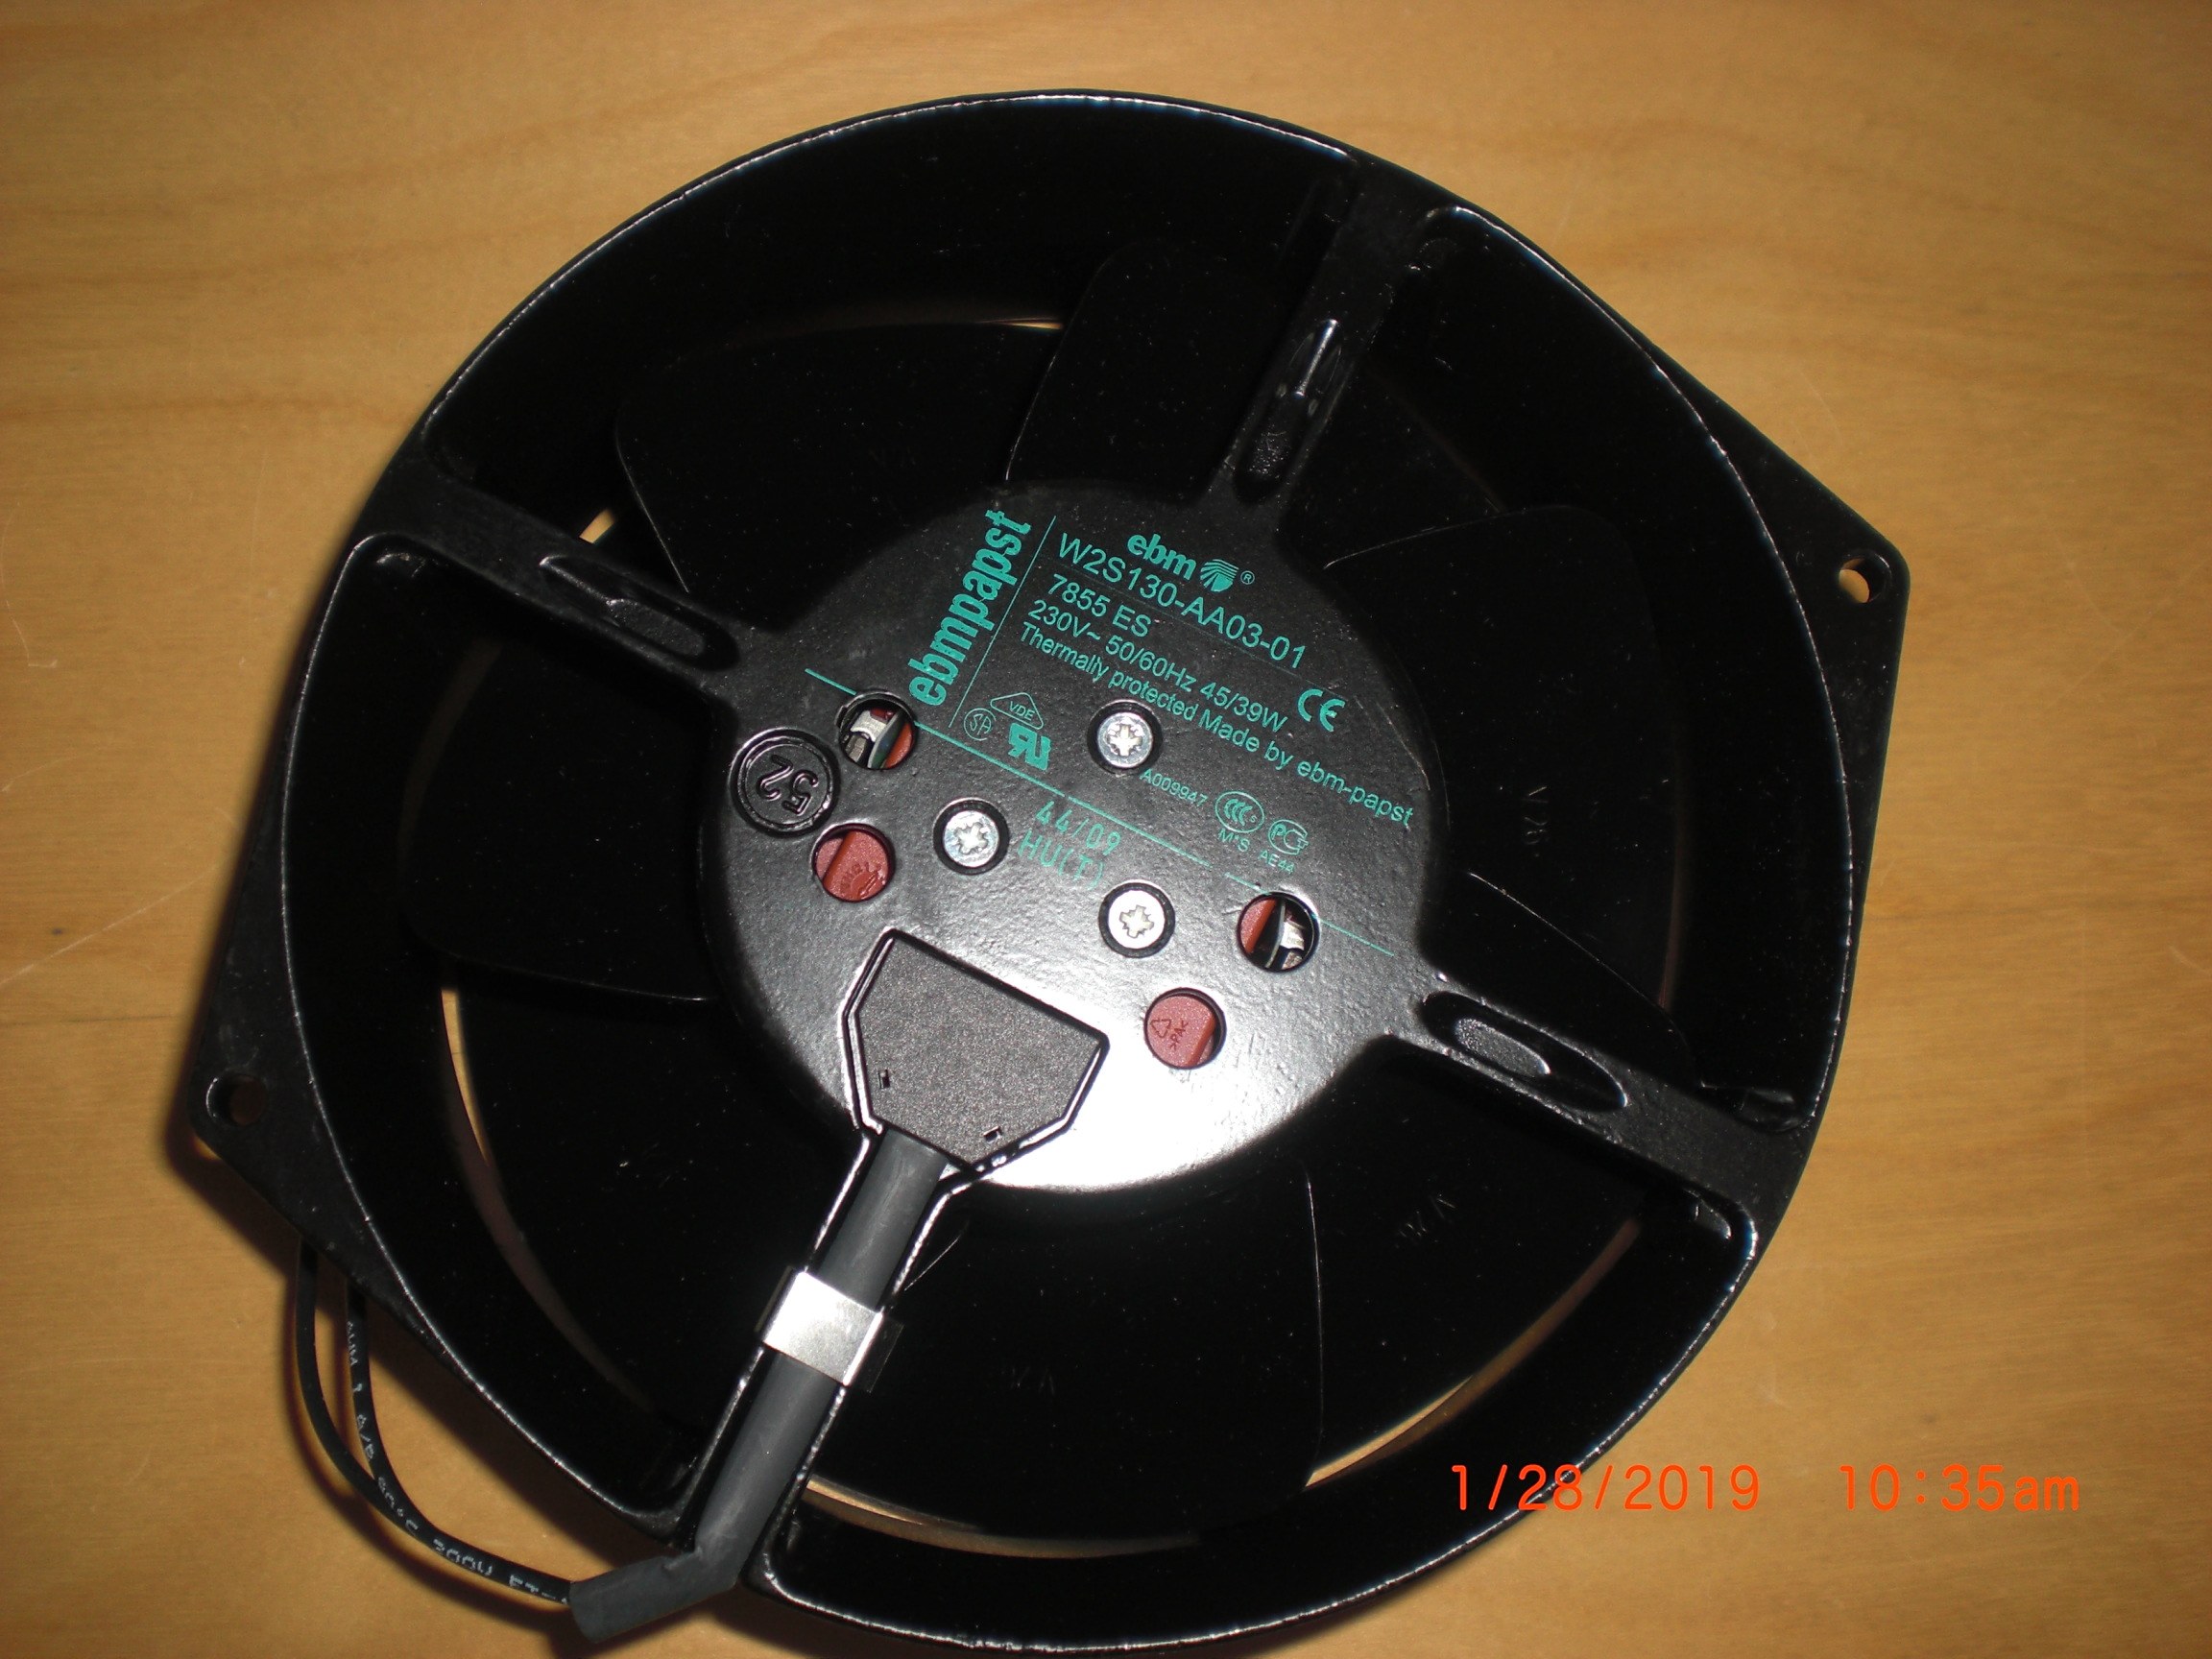 Fan EBMPAPST W2S130-AA03-01 230V 45W axial flow cooling FAN 7855 ES New